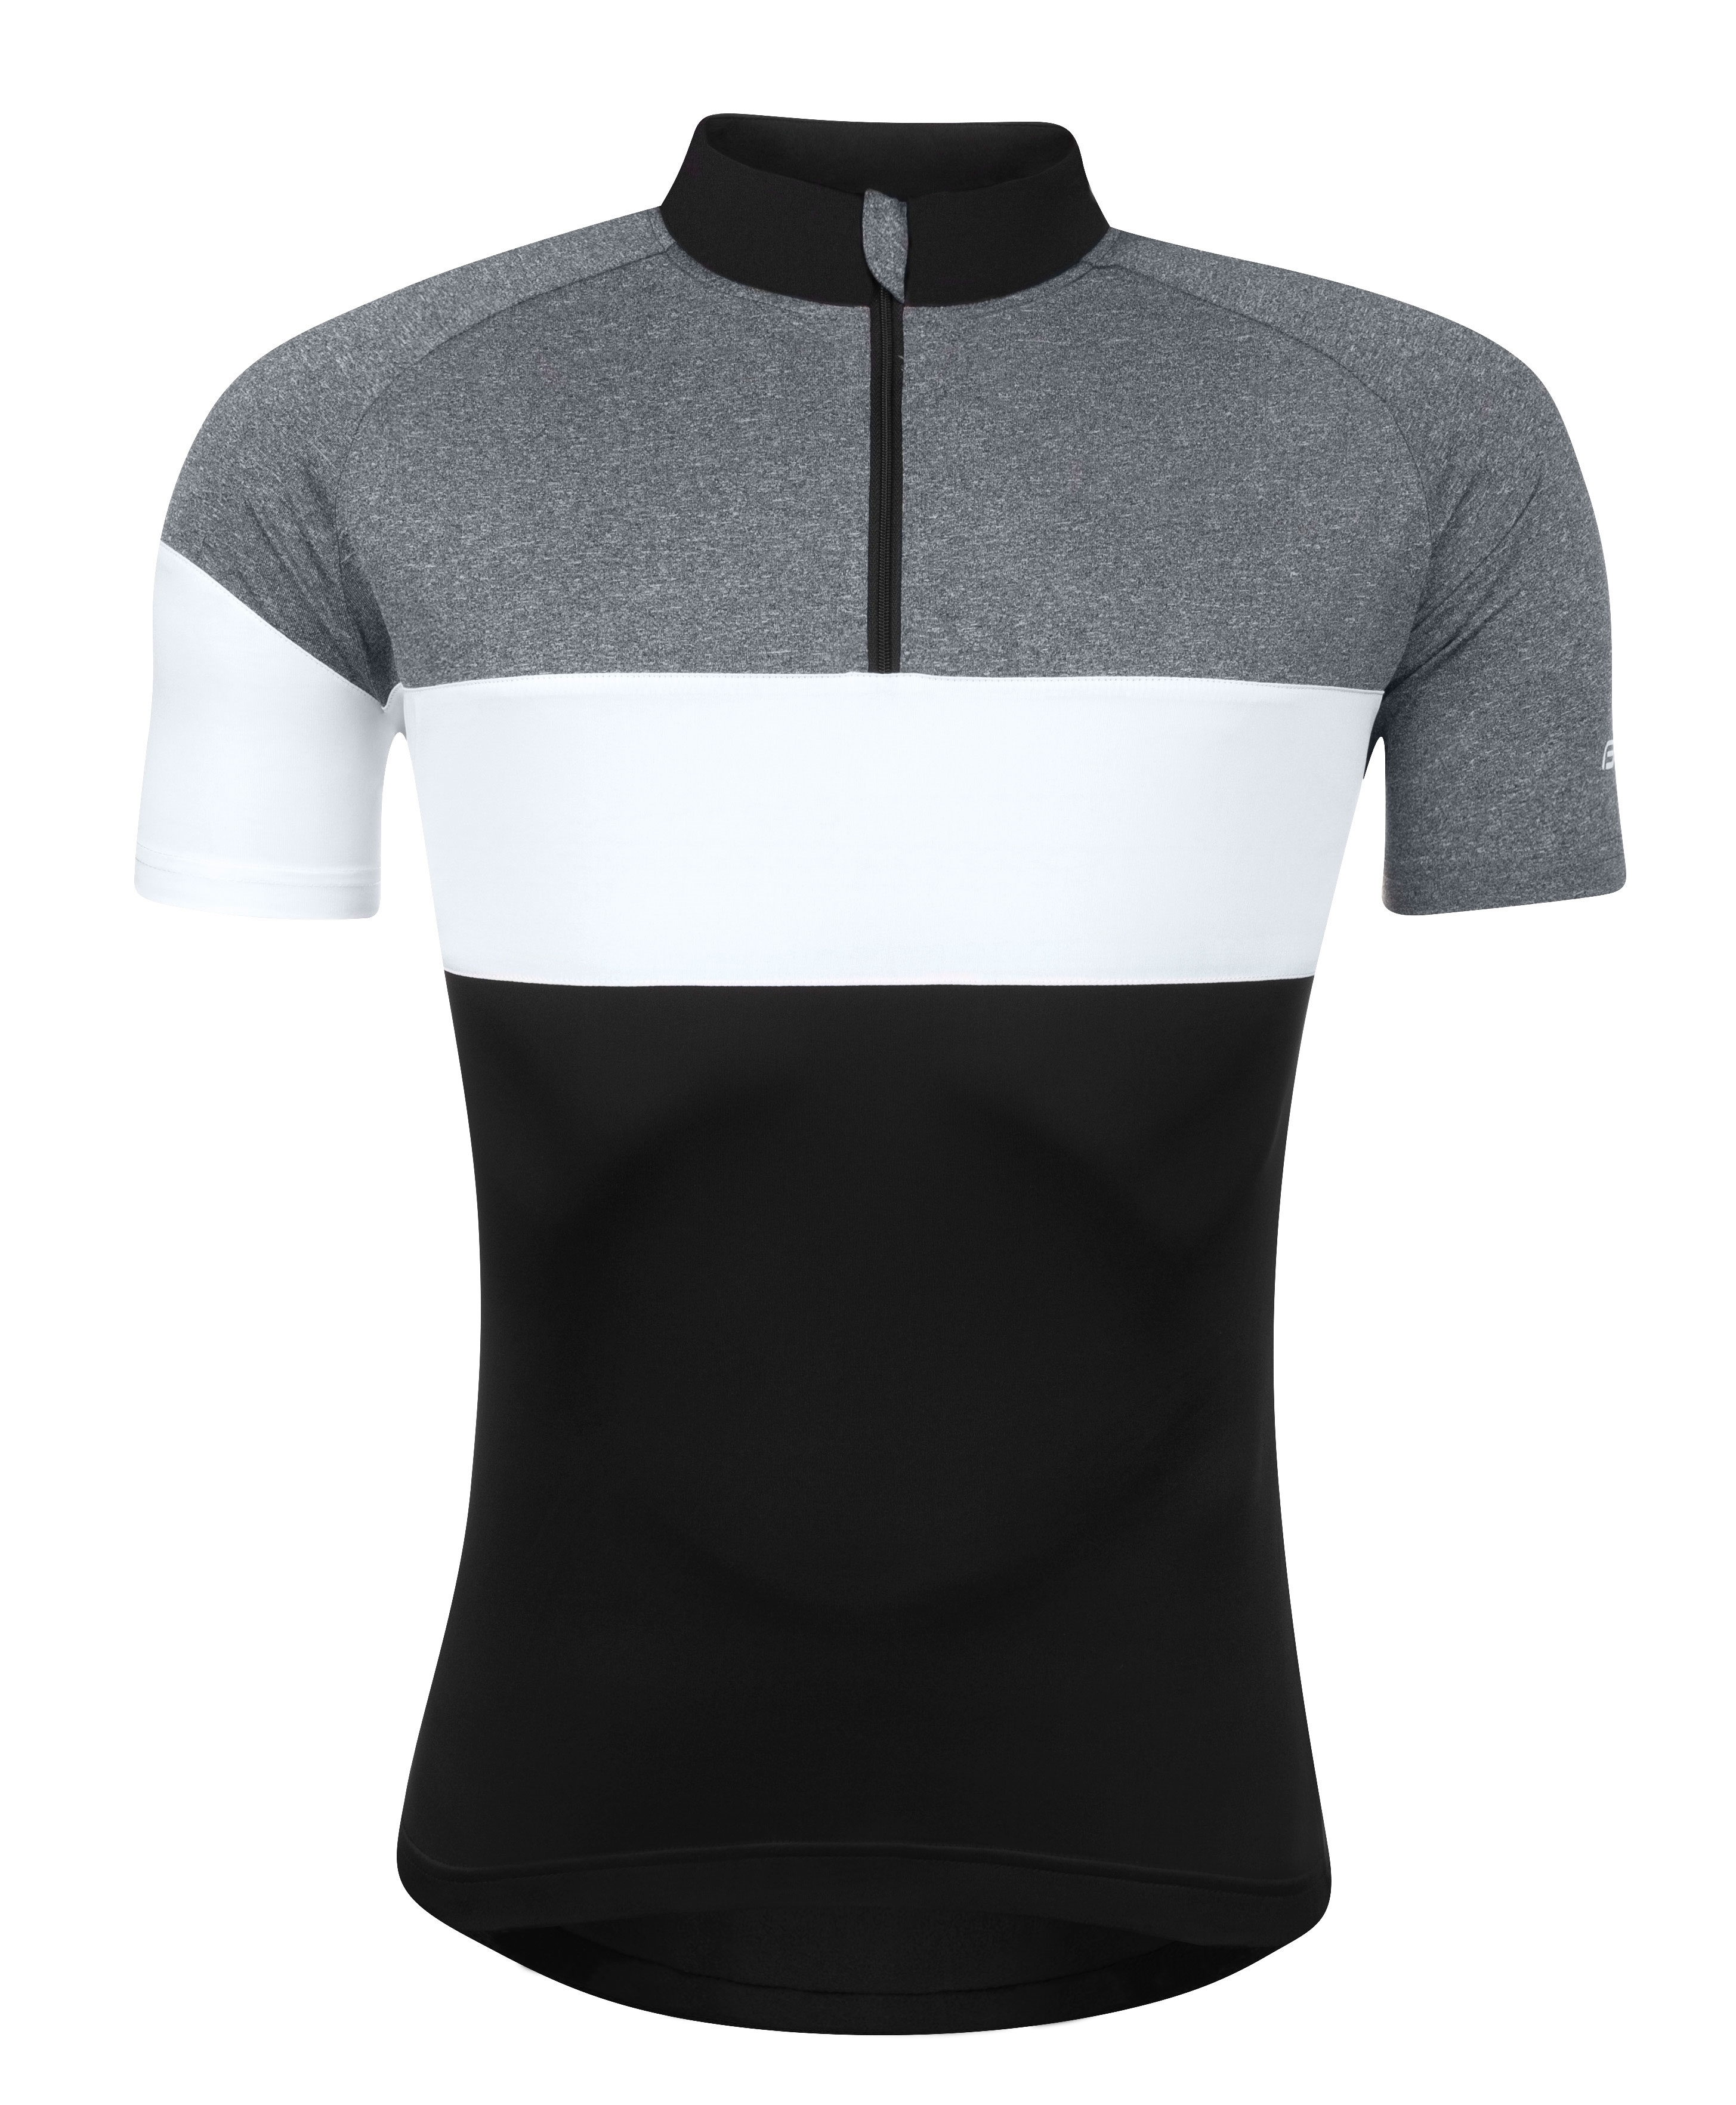 dres FORCE VIEW krátký rukáv,černo-šedo-bílý XS